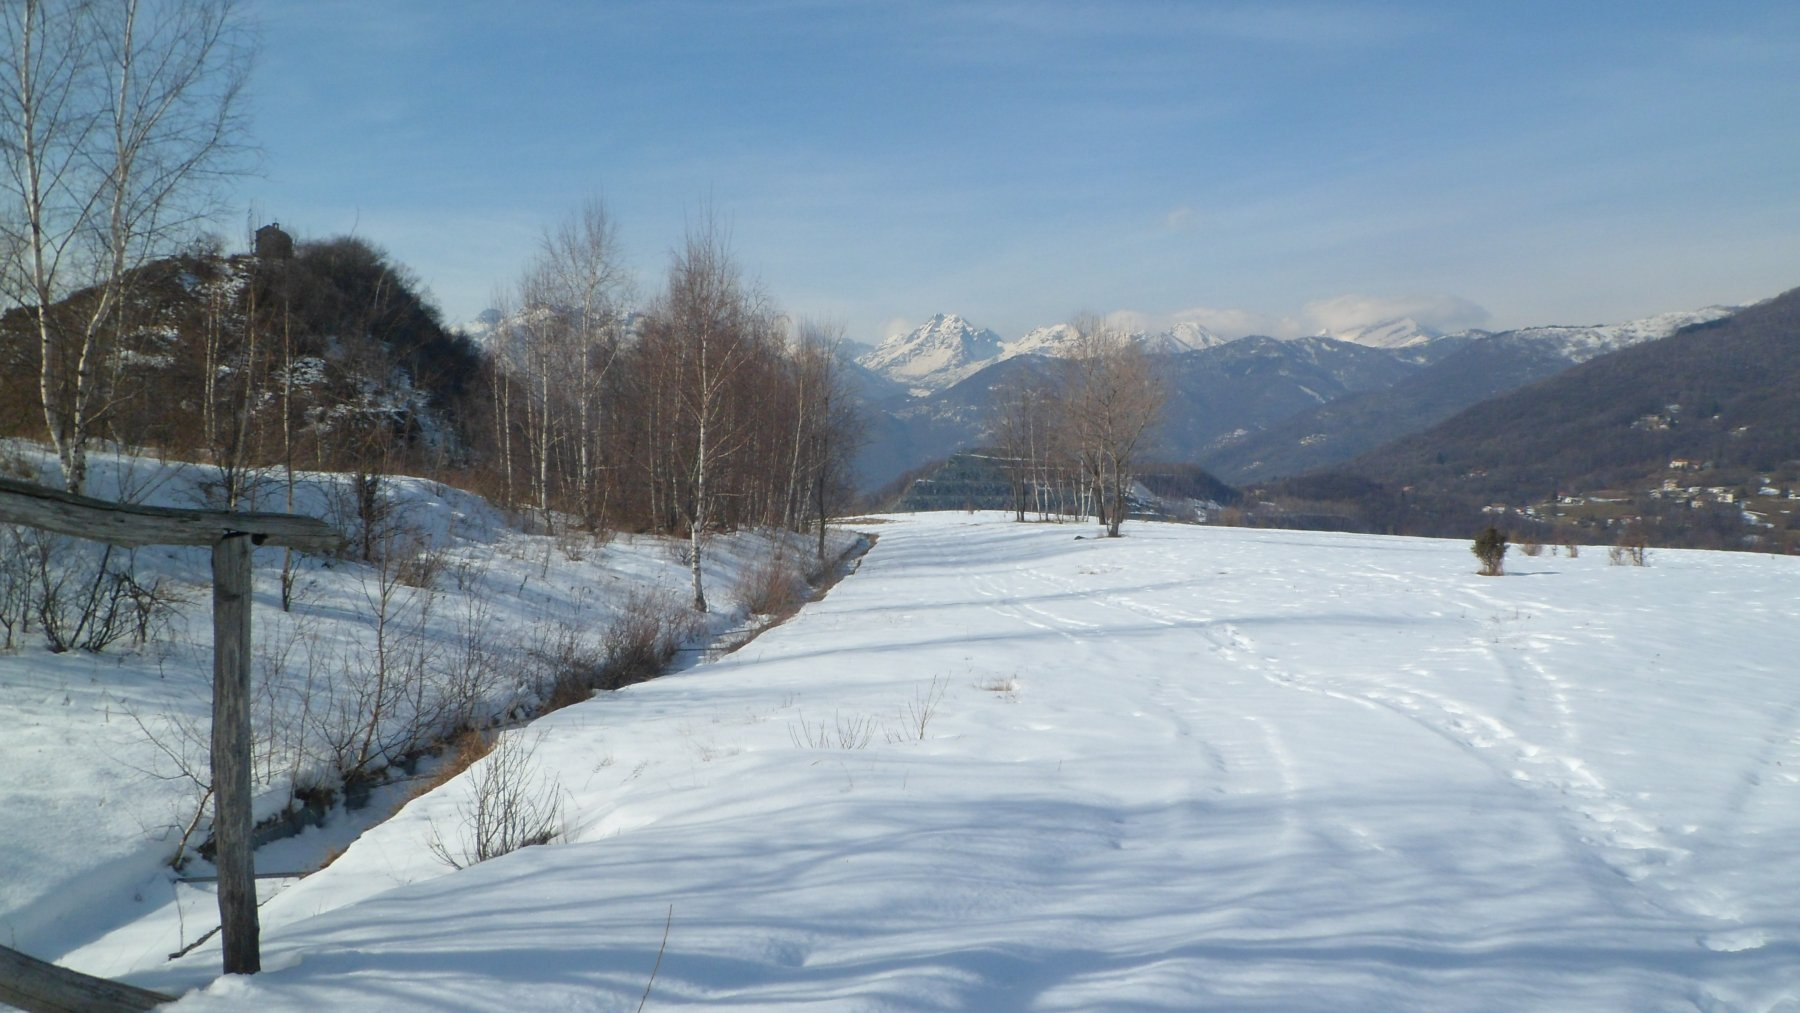 Uno sguardo indietro verso le montagne dal sentiero per il Rolei